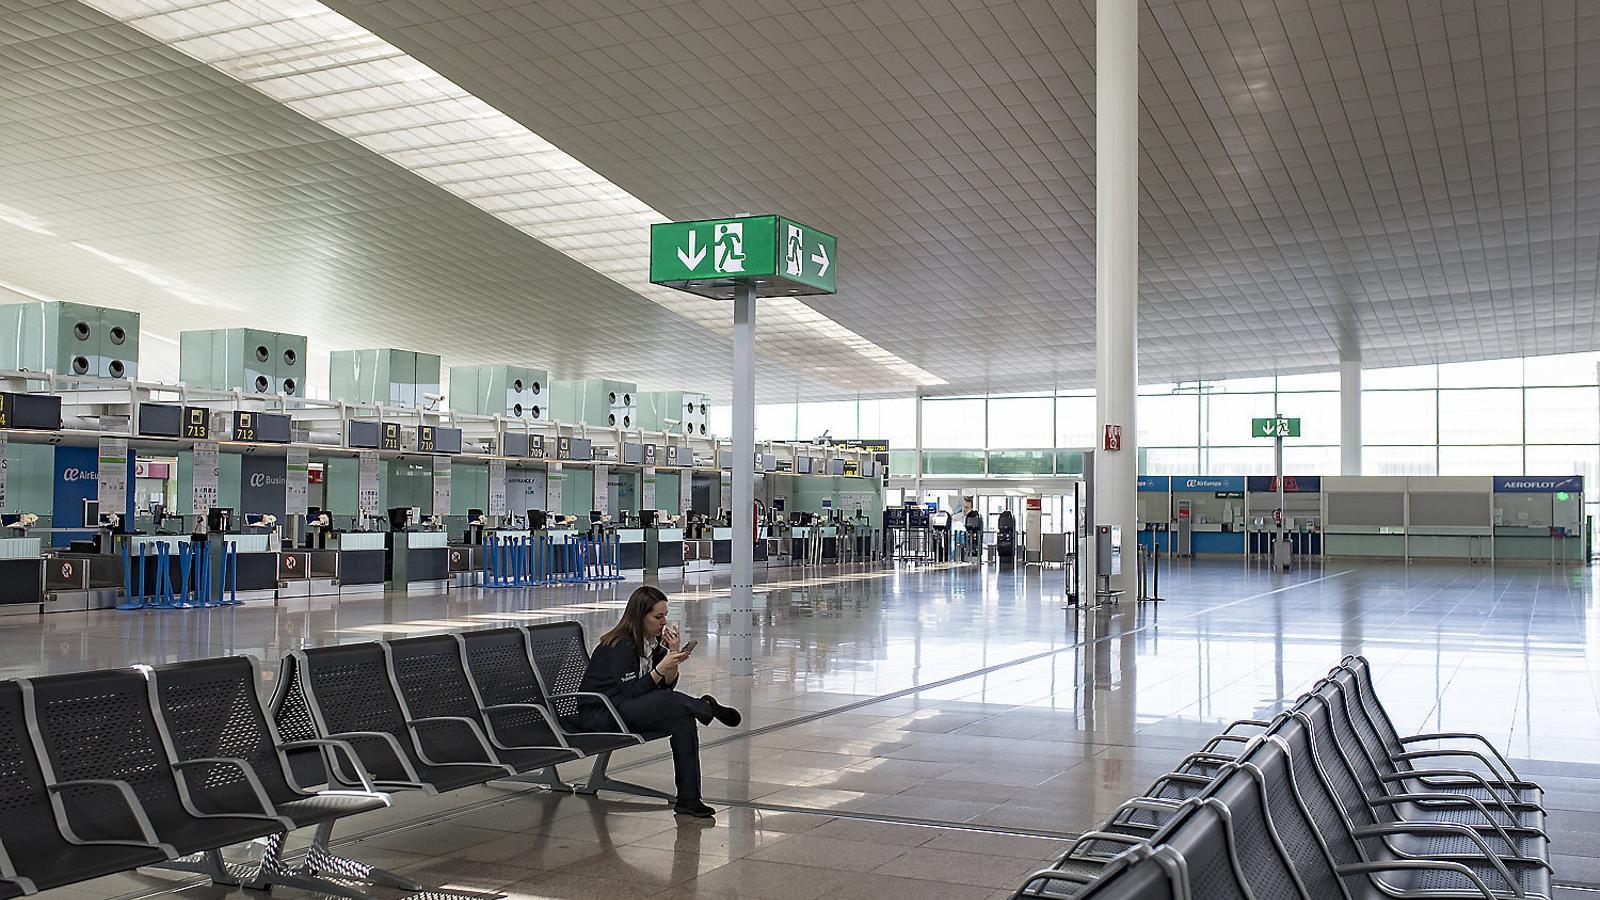 Imatge recent de l'aeroport del Prat sense passatgers a causa de les restriccions de mobilitat.